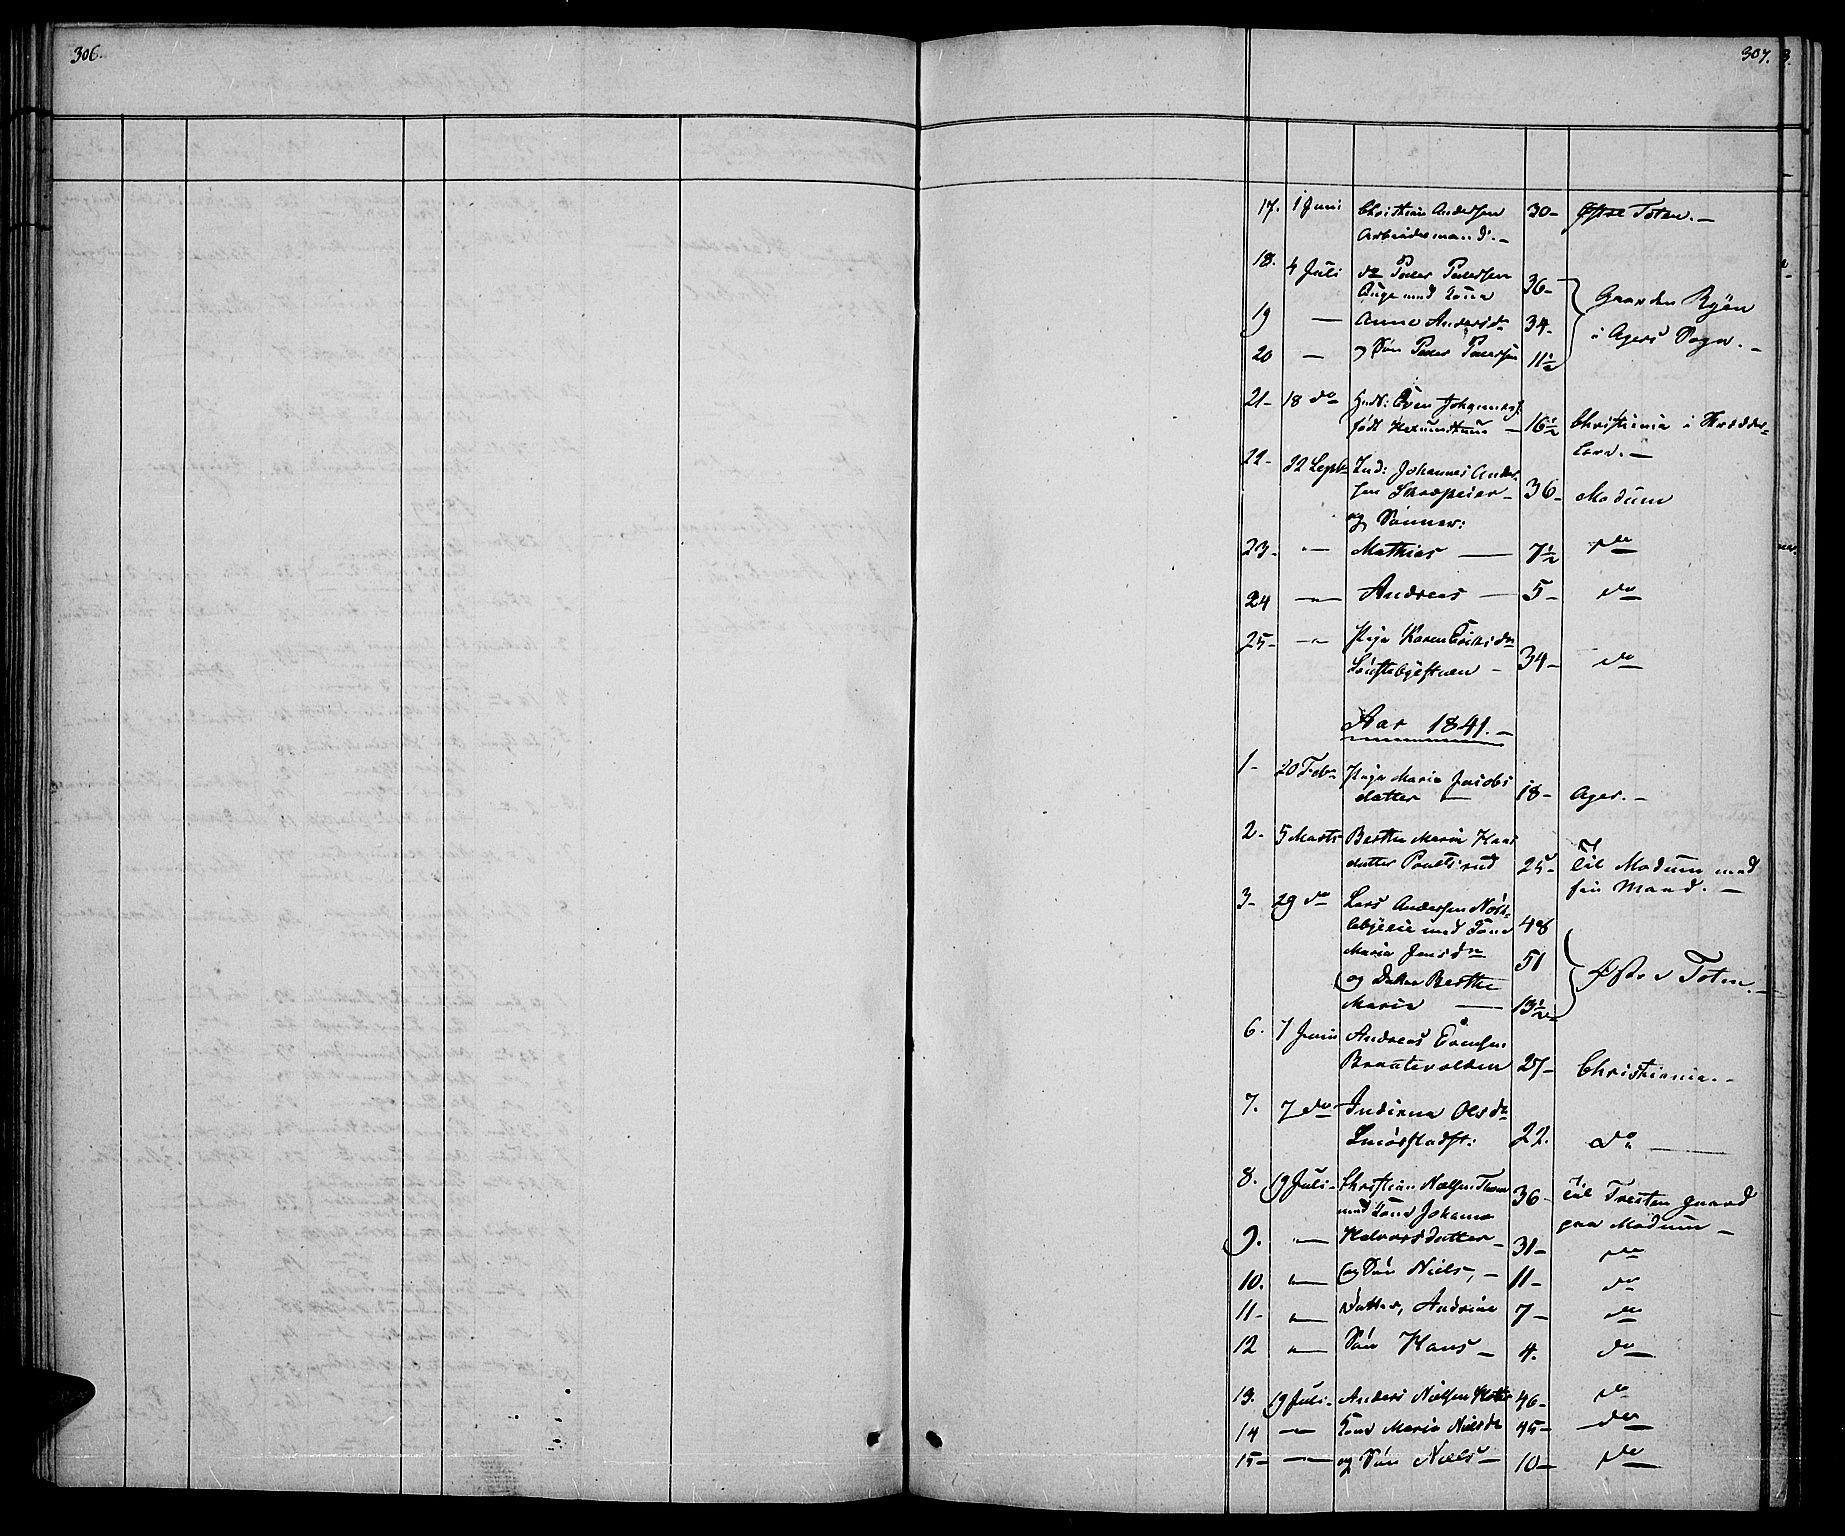 SAH, Vestre Toten prestekontor, H/Ha/Hab/L0002: Klokkerbok nr. 2, 1836-1848, s. 306-307